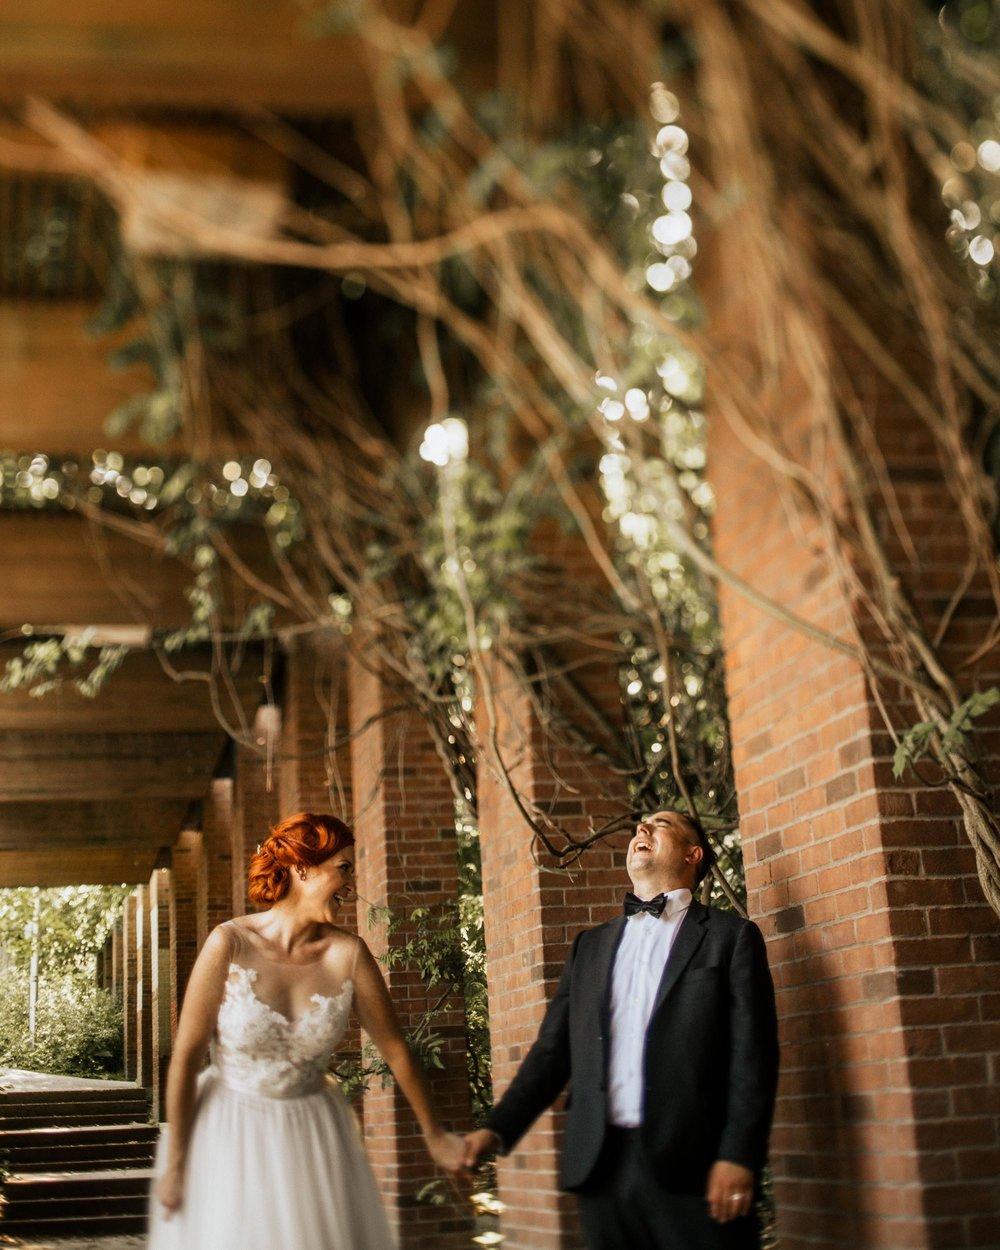 wedding-photography-stratford-davidiam-283.jpg